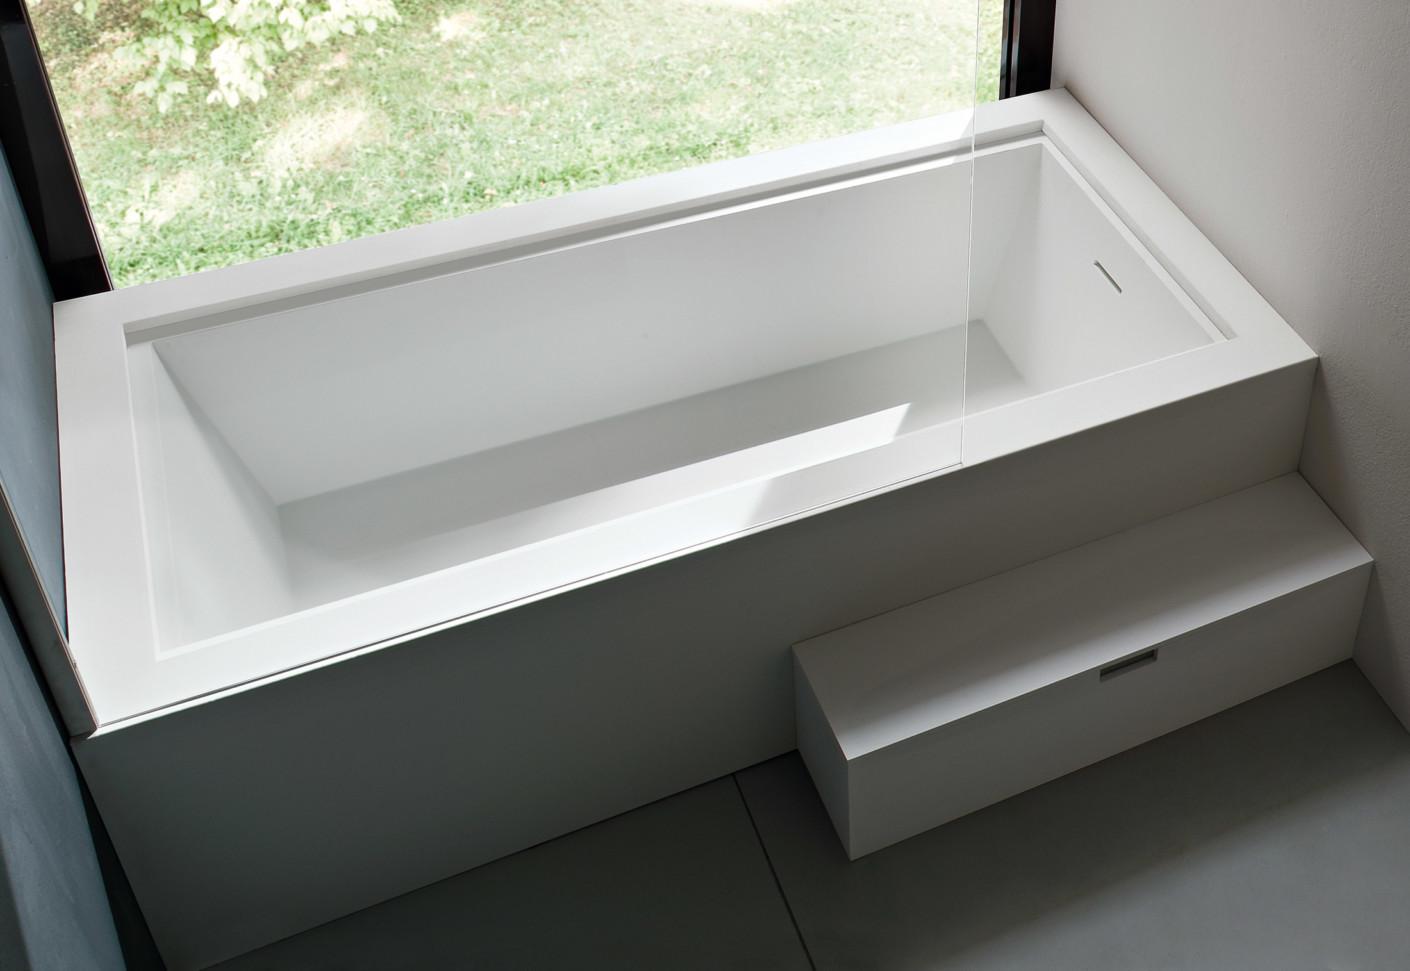 Unico badewanne mit abdeckung von rexa design stylepark for Top bathtub brands